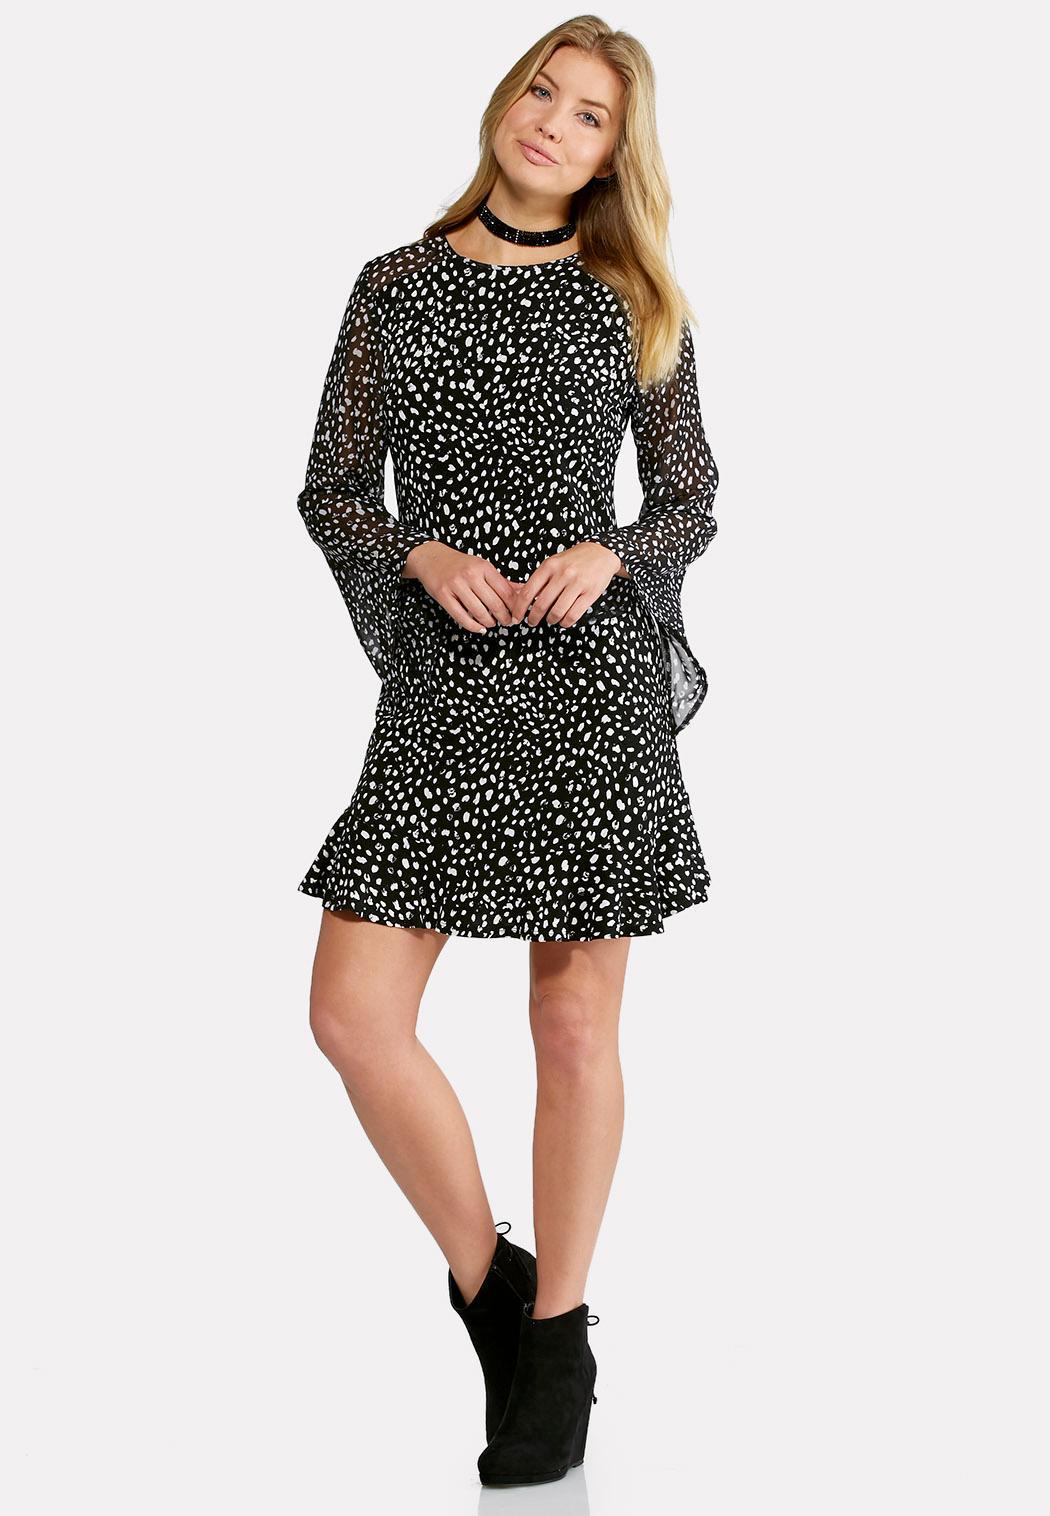 women's plus size dresses